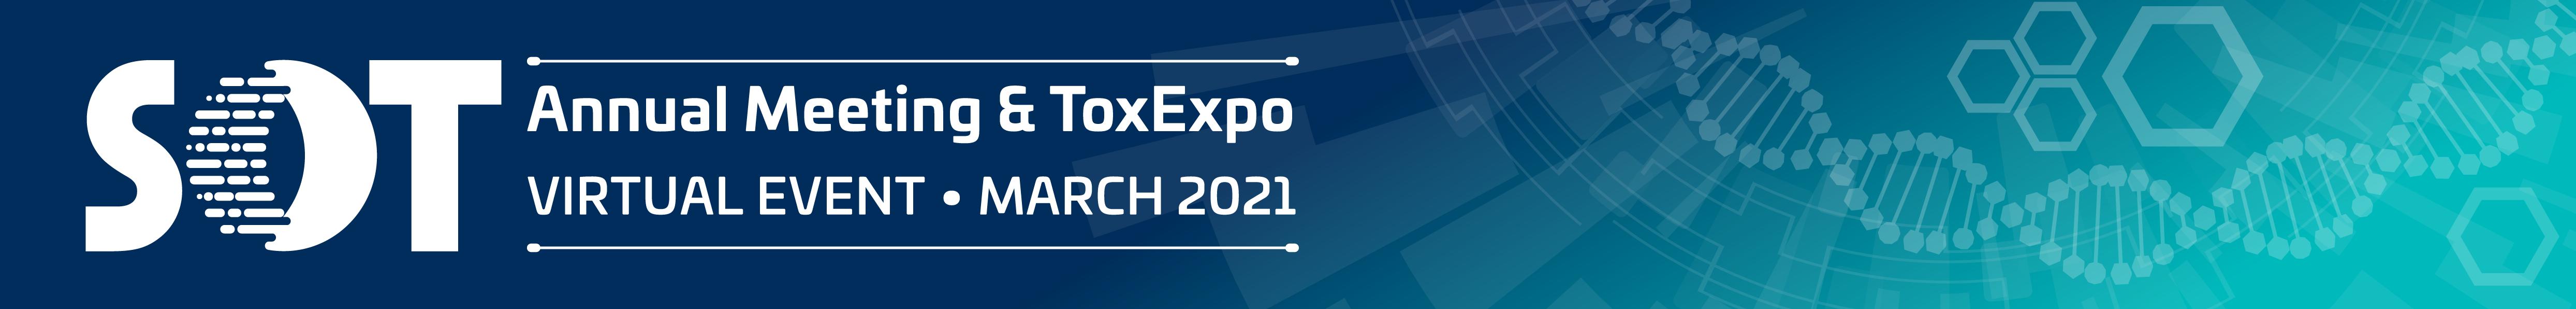 SOT 2021 Virtual Annual Meeting